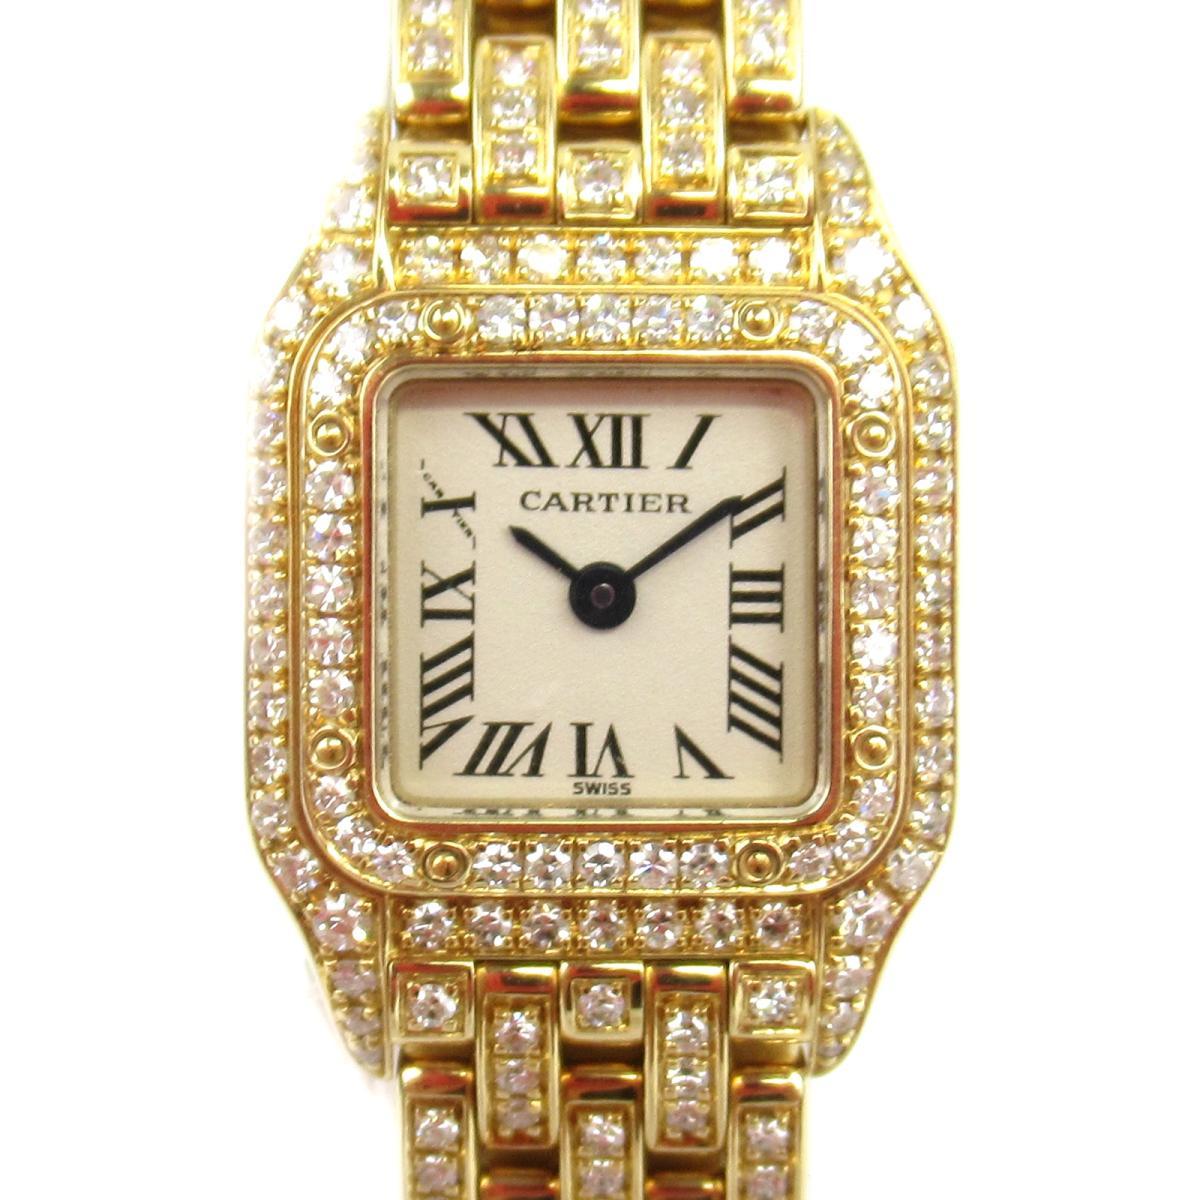 ≪期間限定≫メルマガ登録でクーポンGET! 【中古】 カルティエ パンテール フルダイヤ ウォッチ 腕時計 レディース K18YG (750)イエローゴールド ダイヤモンド (WF3141FF) | Cartier BRANDOFF ブランドオフ ブランド ブランド時計 ブランド腕時計 時計